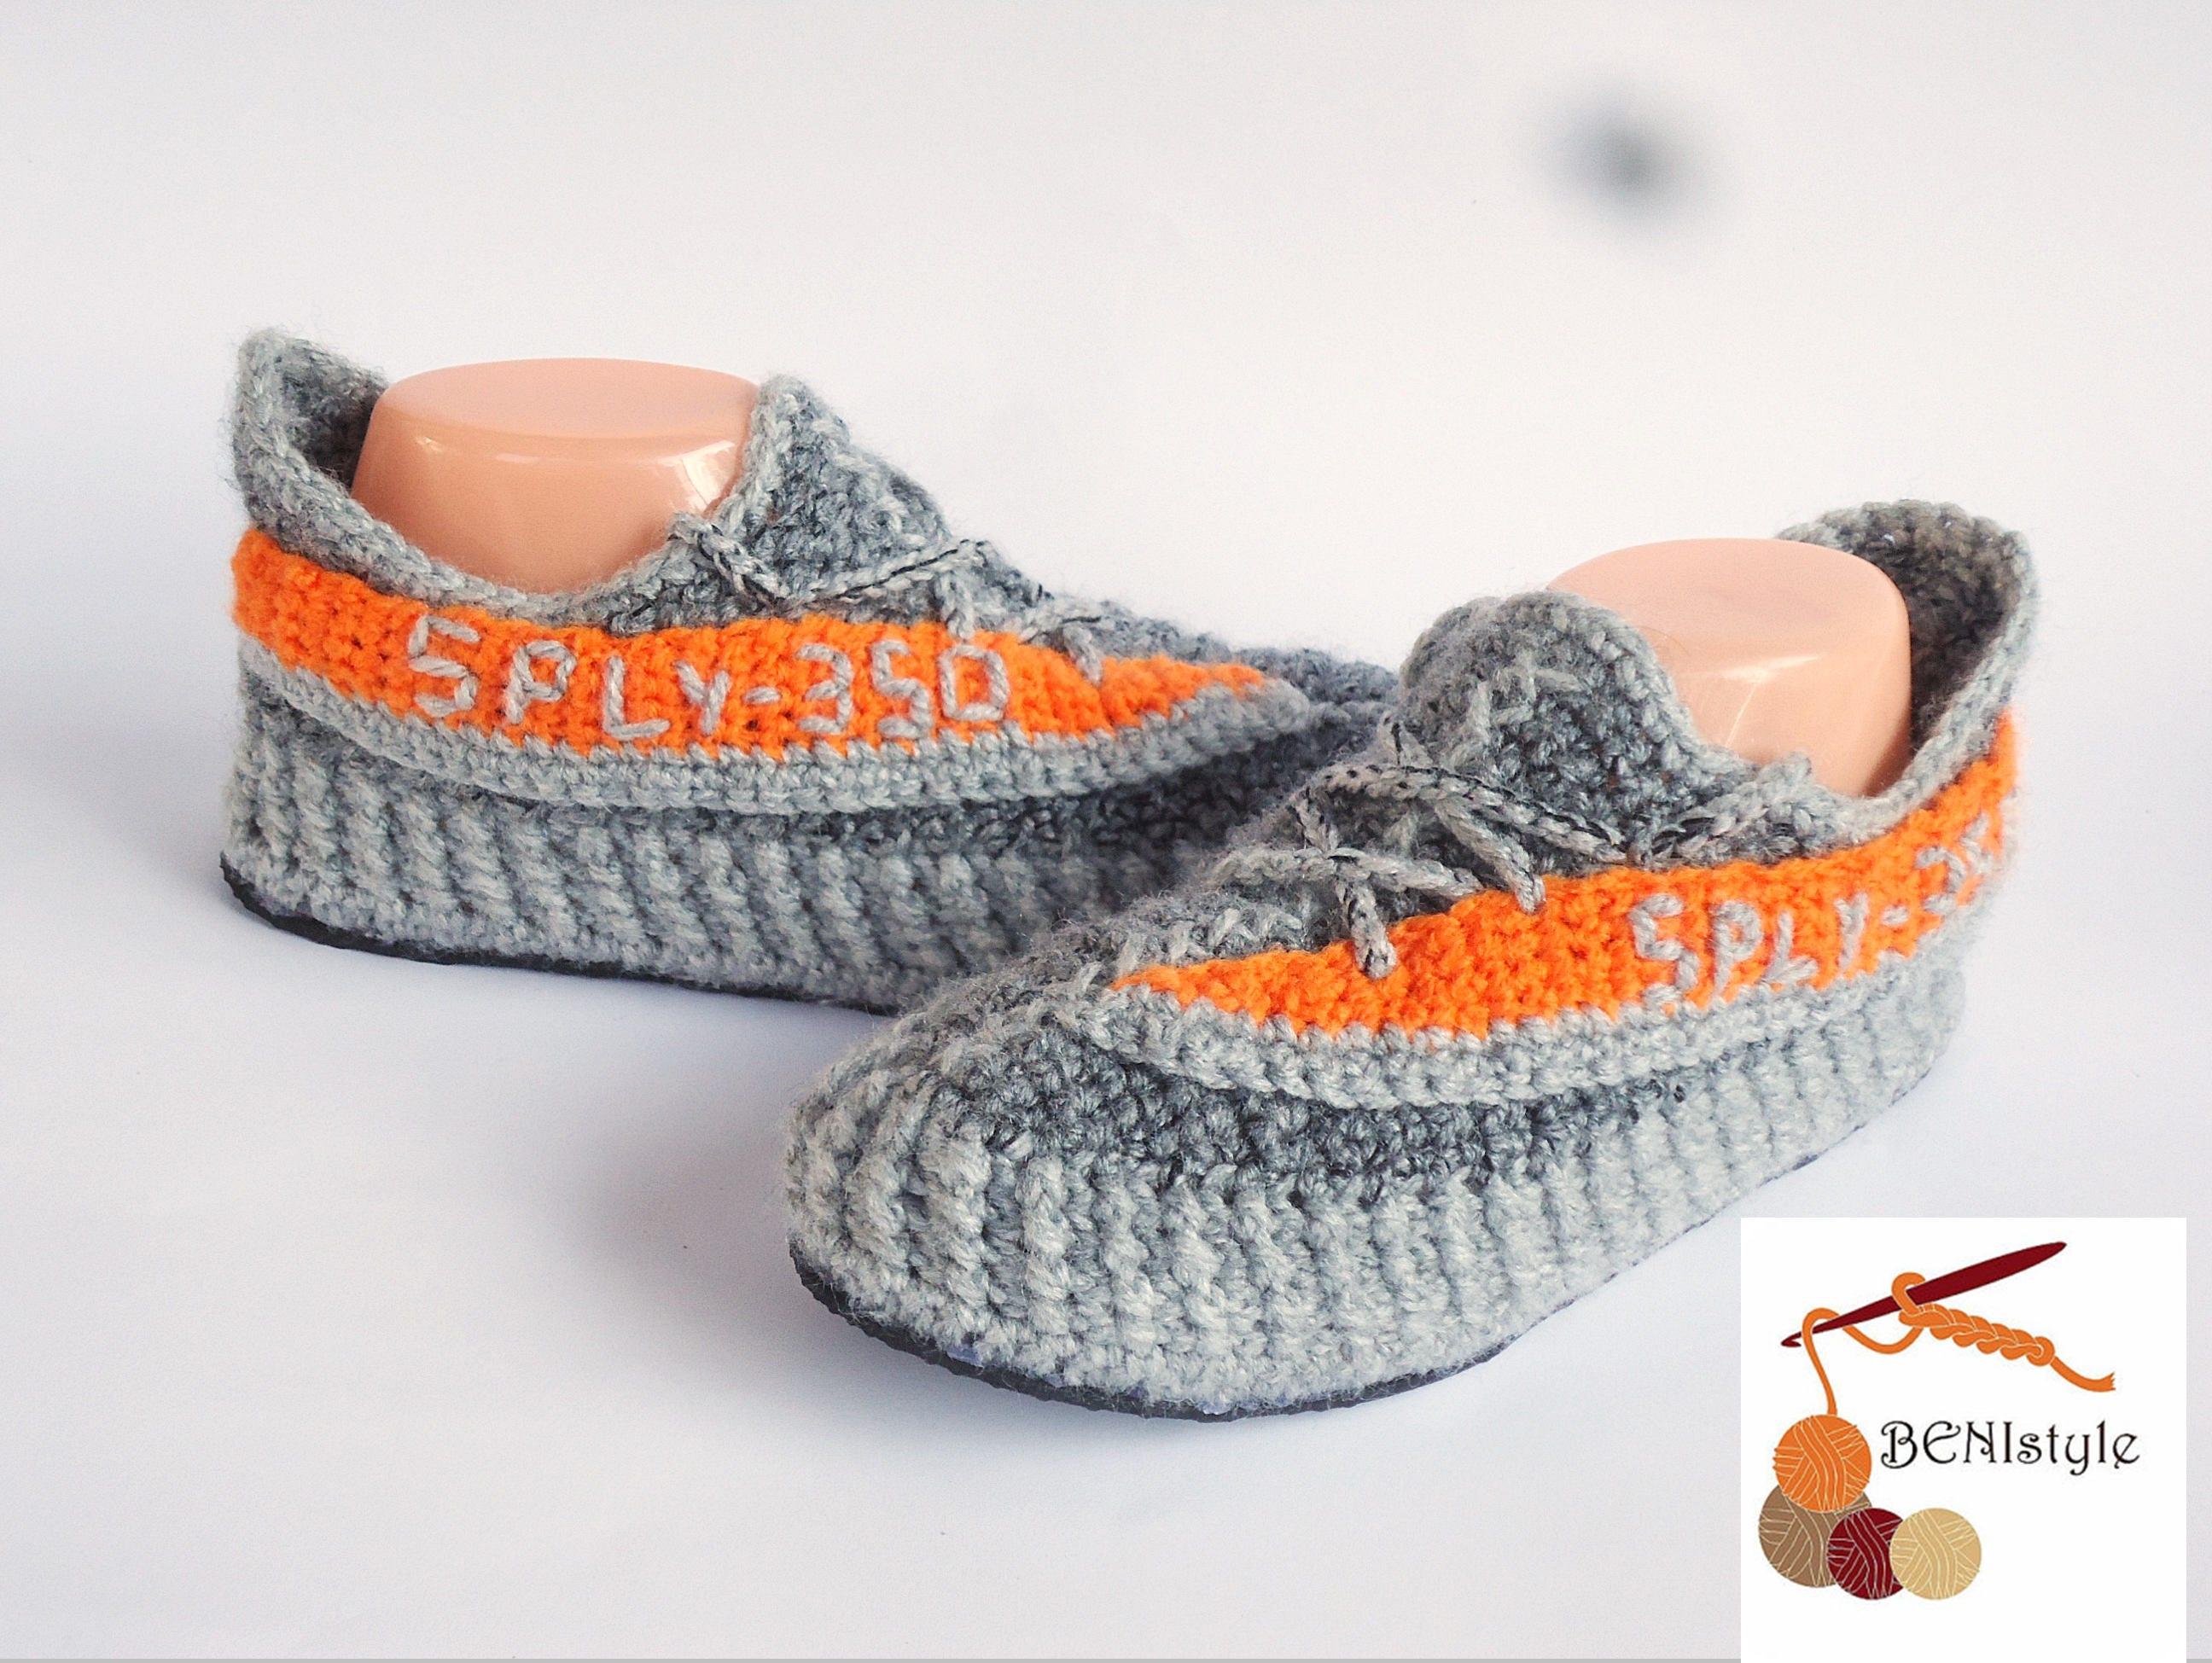 big sale 97c7c 20fd1 Adidas Yeezy Boost, Yeezy Sply 350, Crochet Yeezy Boost sply350, West  Adidas Yeezy Boost, Knitted Adidas YeezY Boost, Gray Orange sply 350